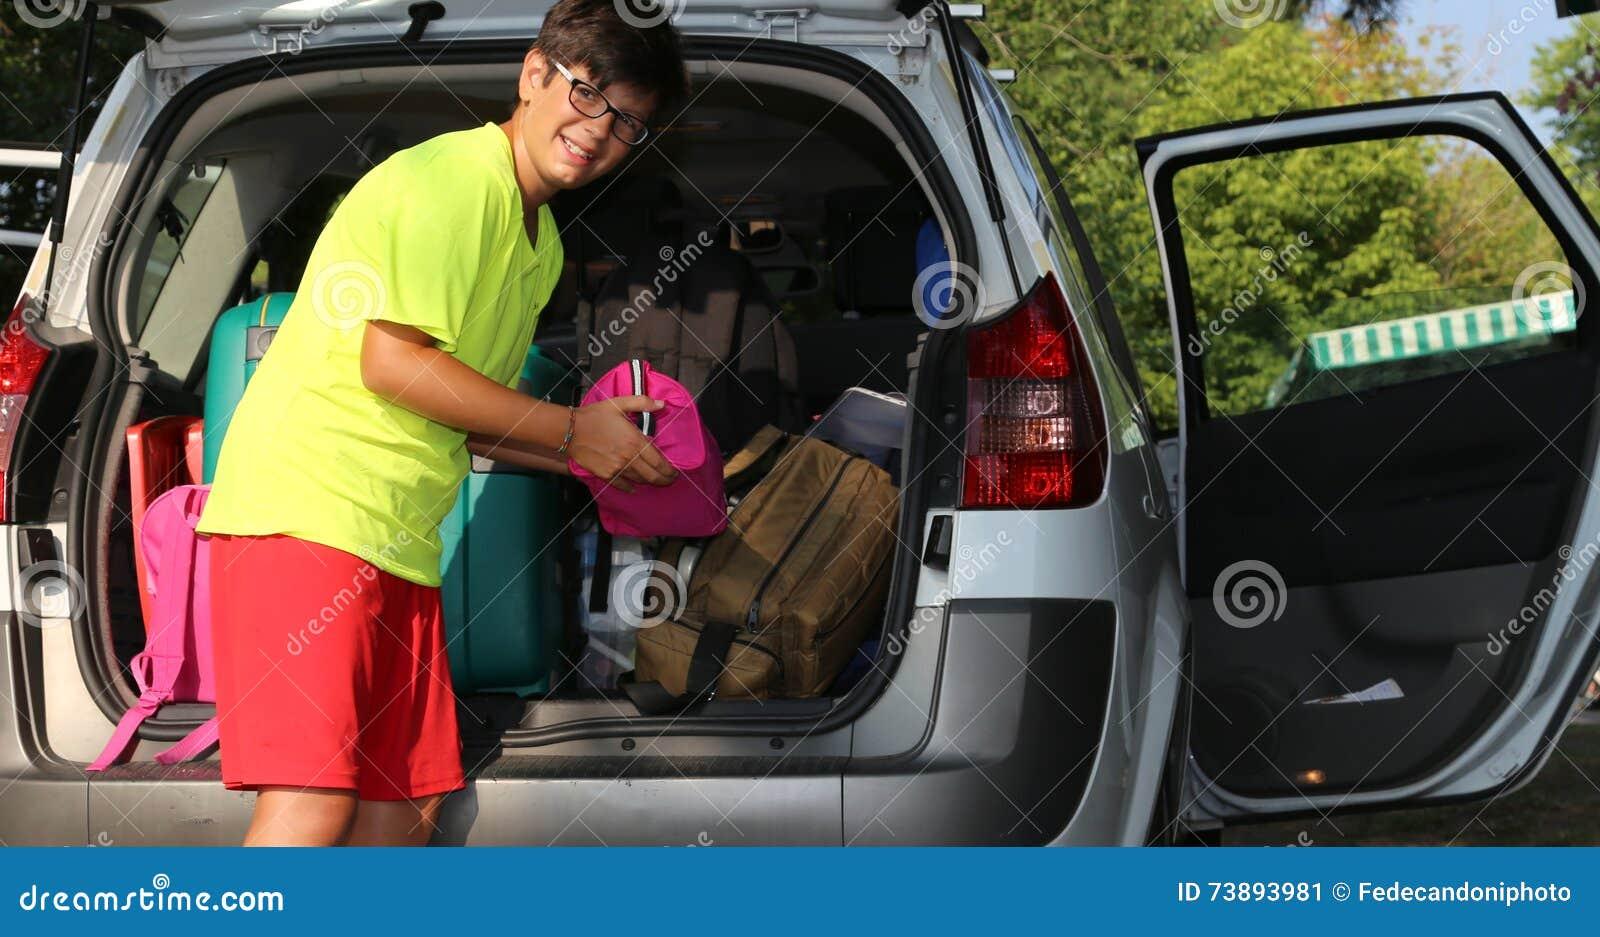 Il giovane ragazzo con i vetri ha caricato i bagagli nel tronco